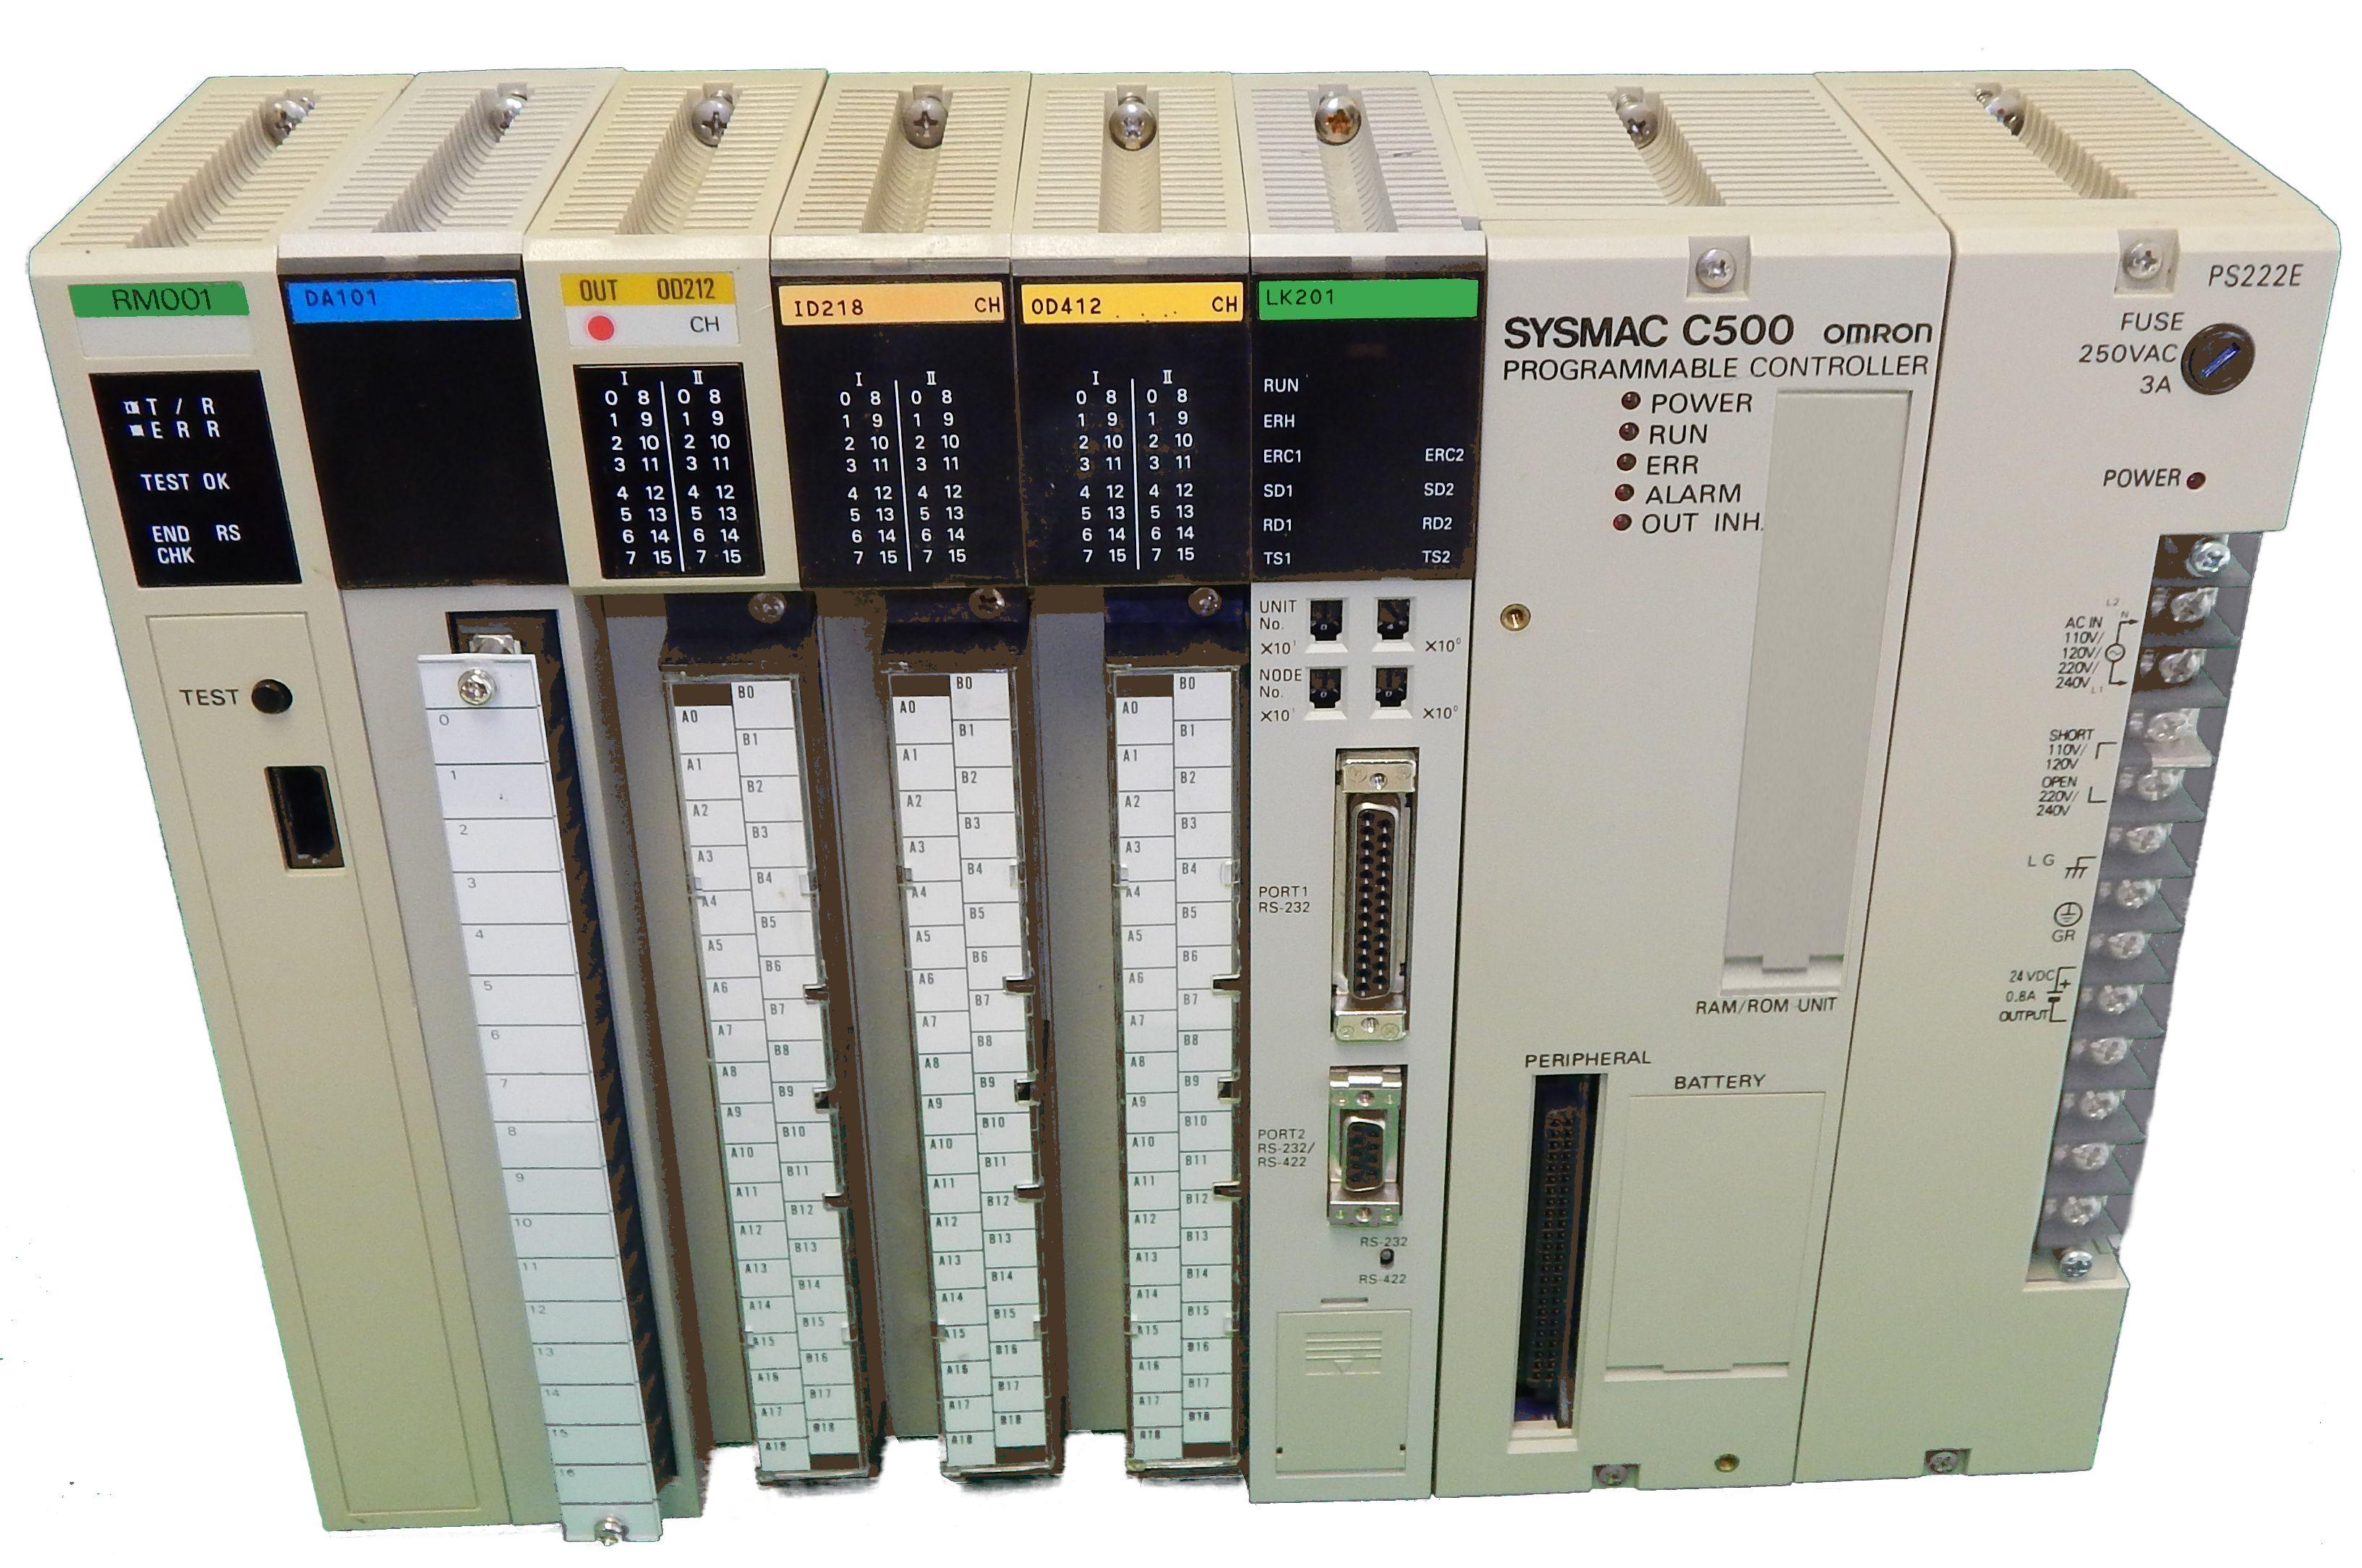 3G2A5-LK003-E